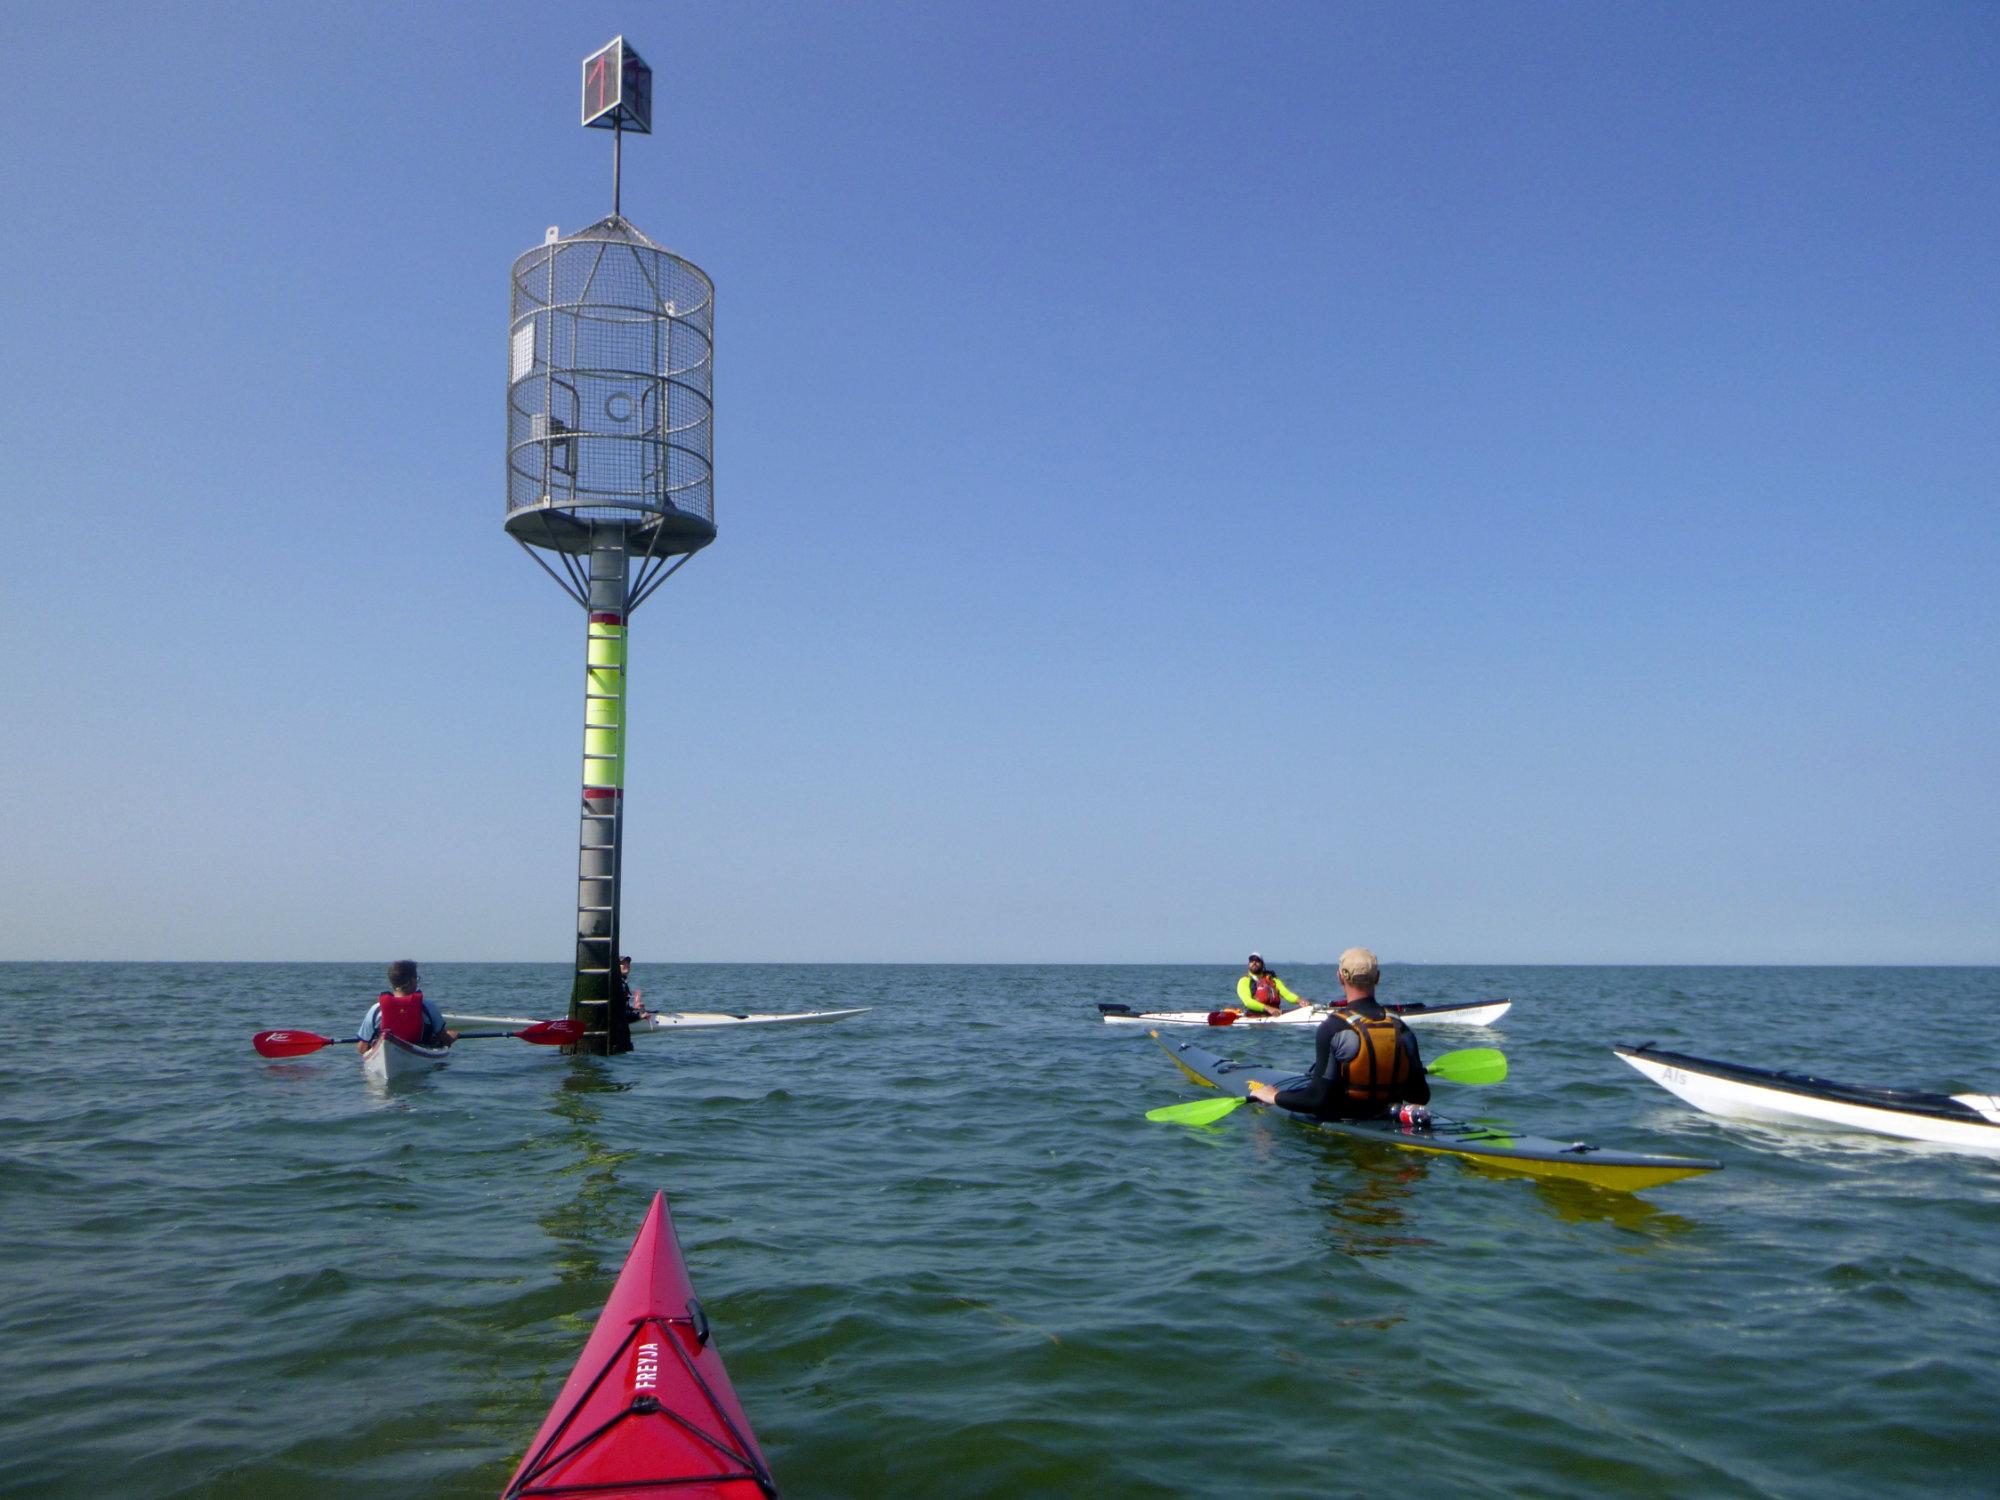 Prüfung zum EPP 4 Küste bei SeaKayak Kehdingen